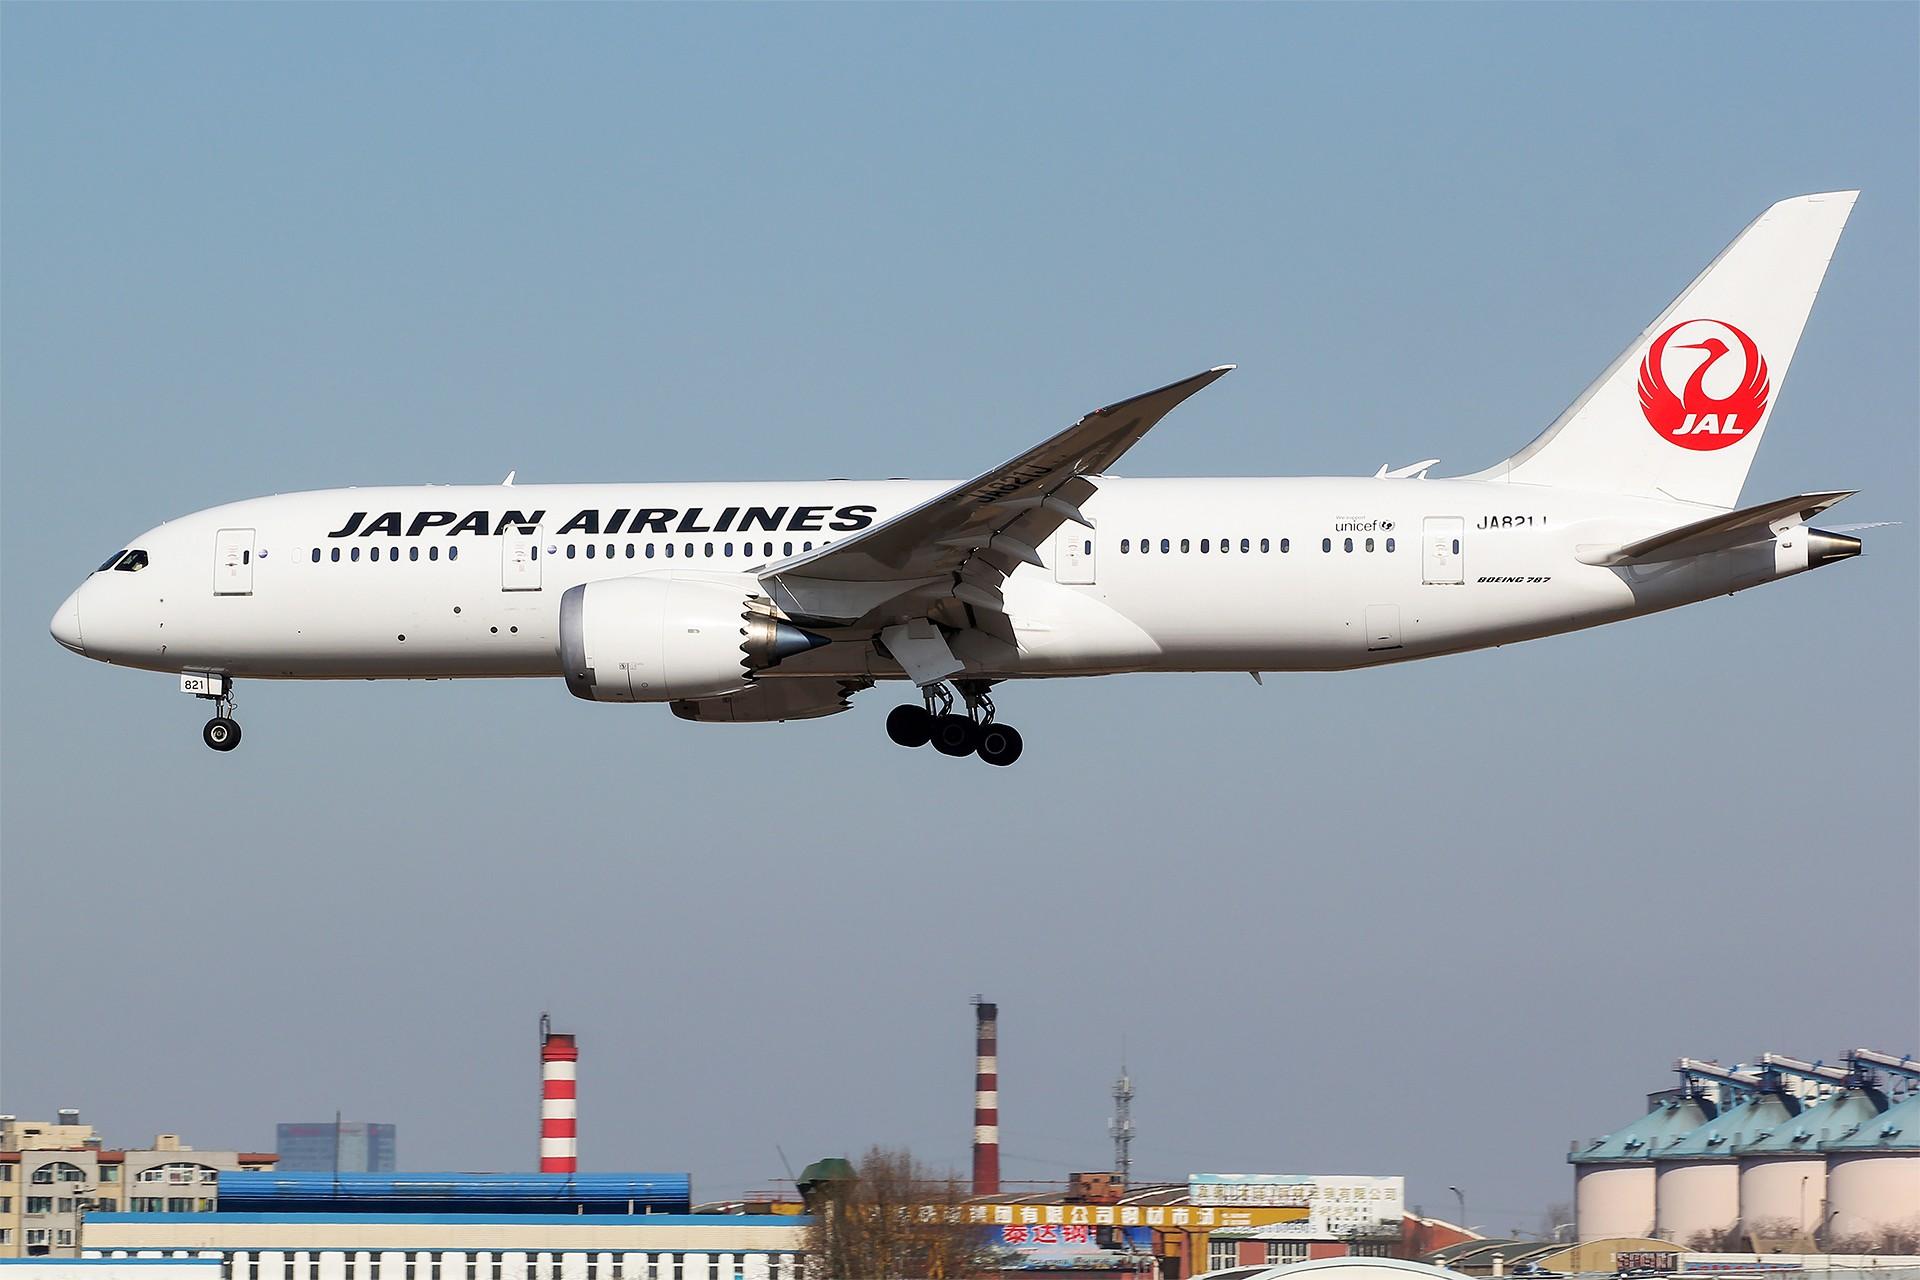 Re:[原创]DLC]。。。日本航空787-8三图。。。 BOEING 787-8 JA821J 中国大连国际机场